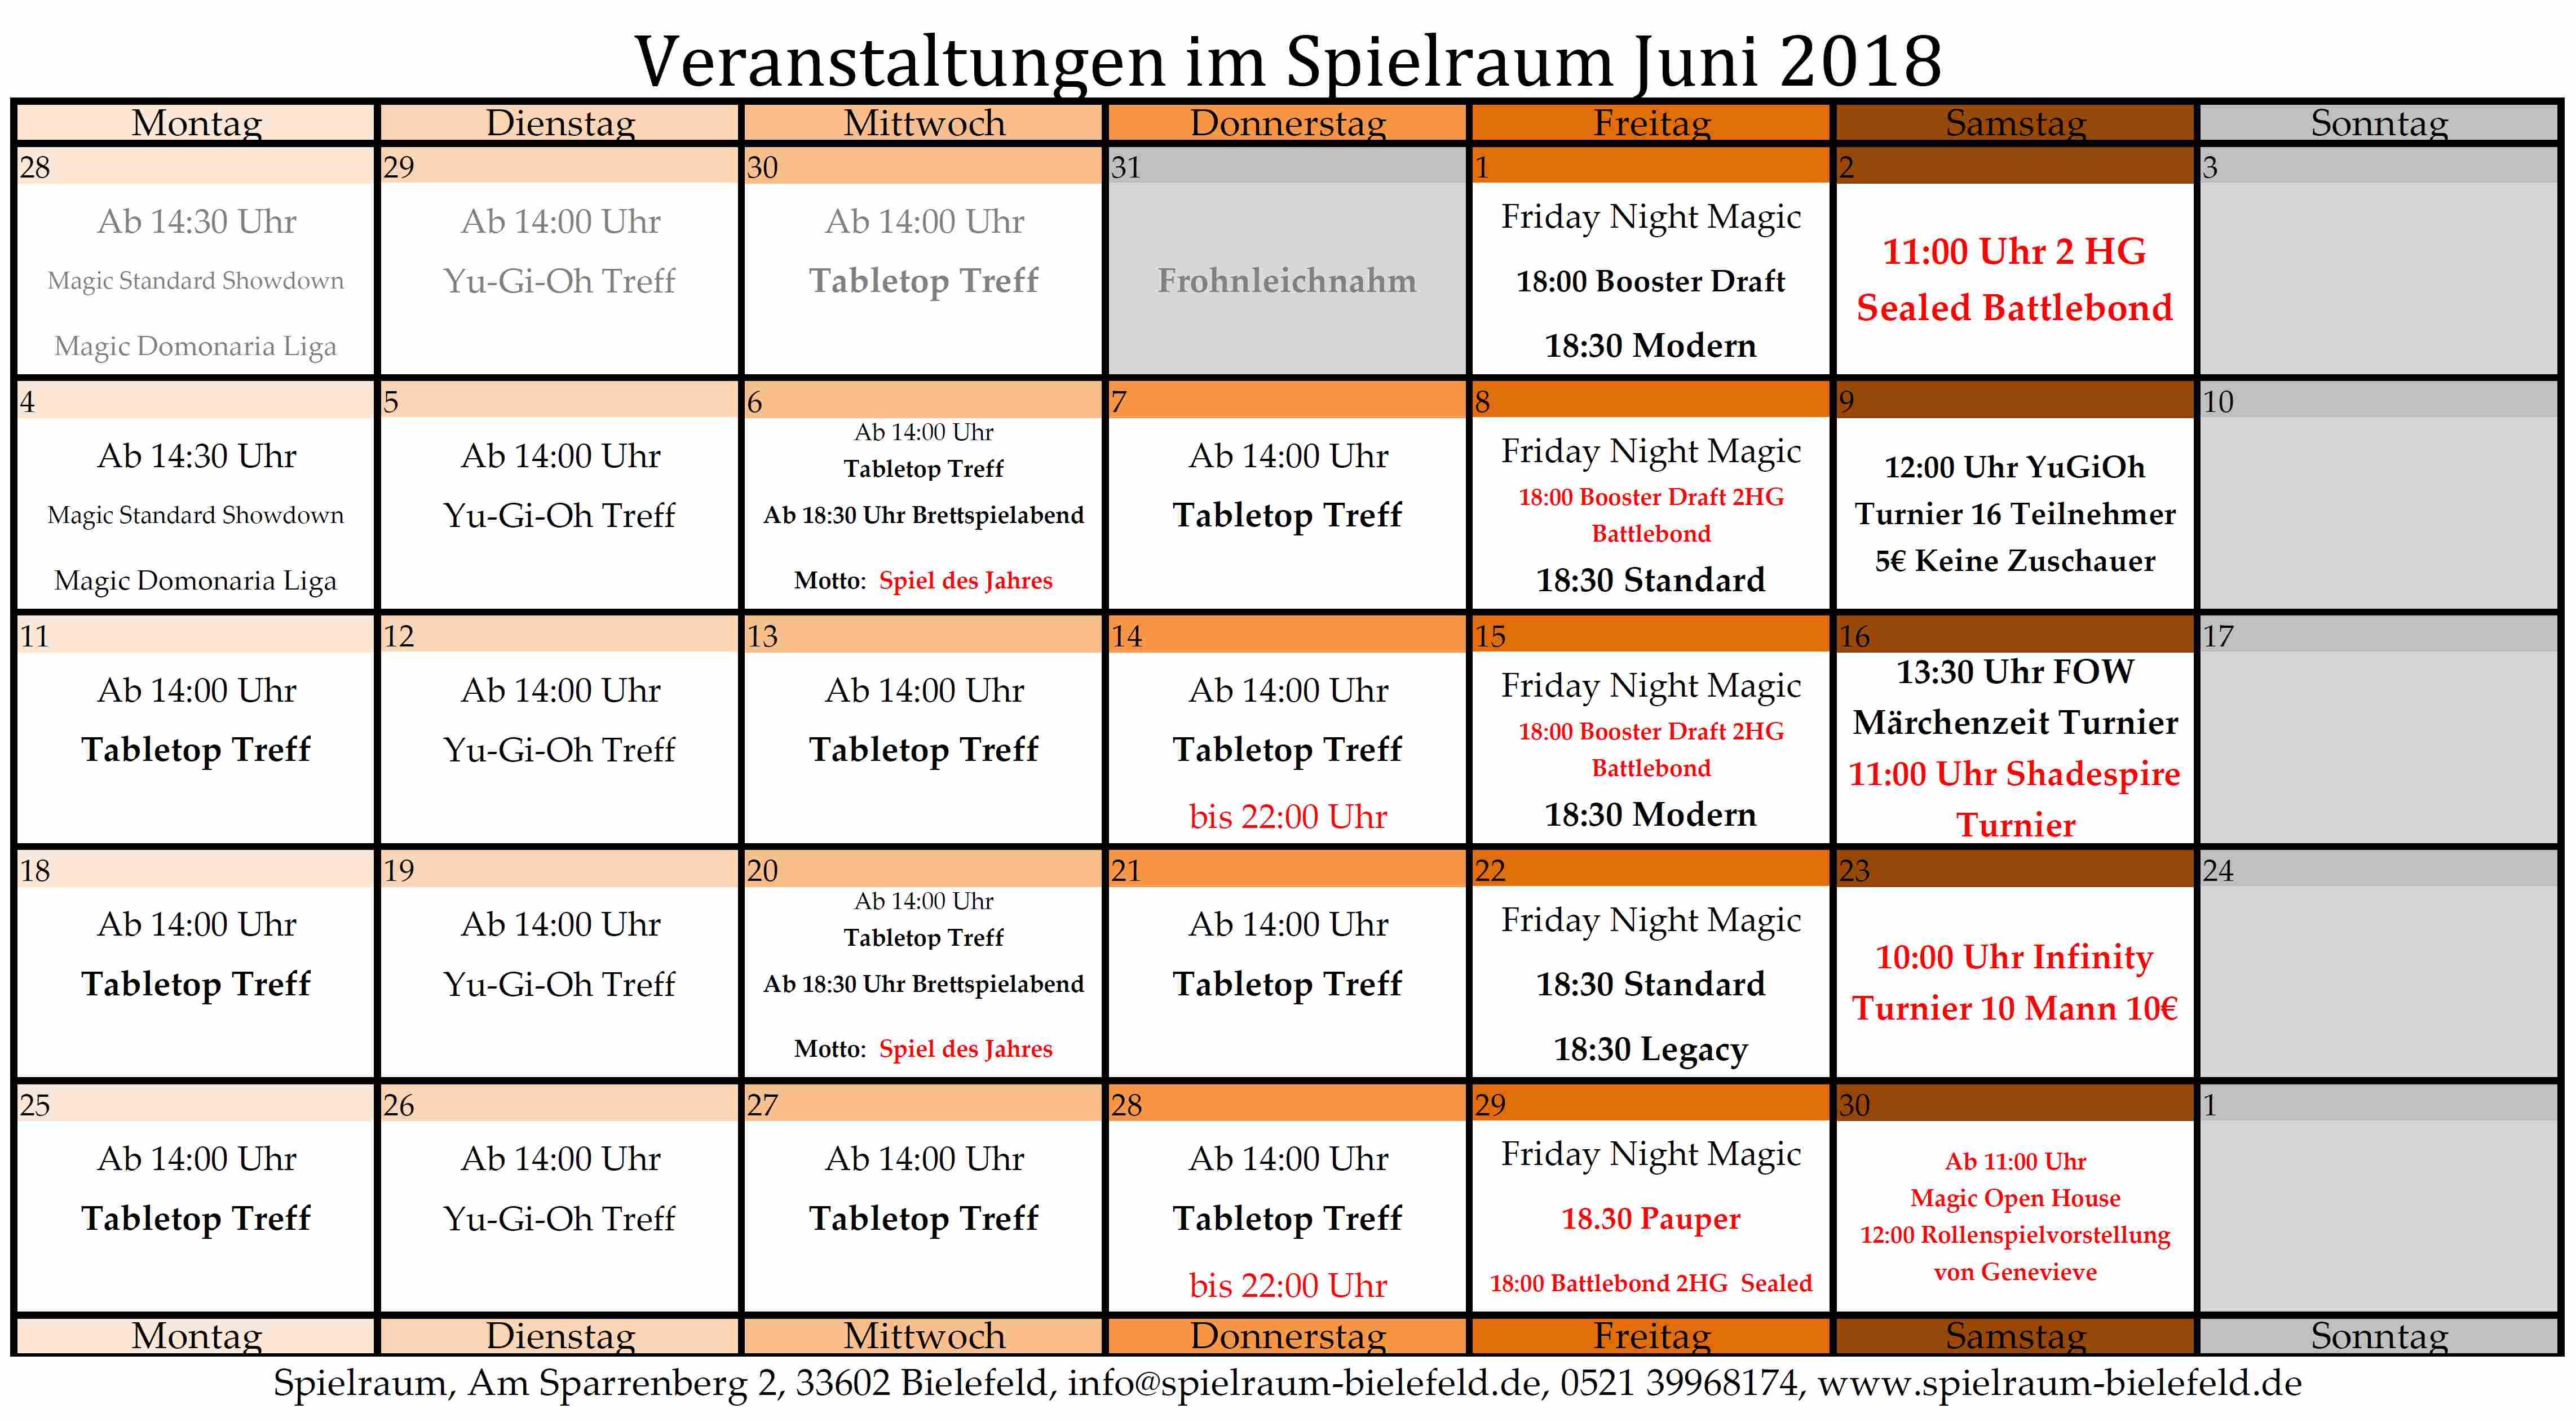 Monatsplan Juni 2018